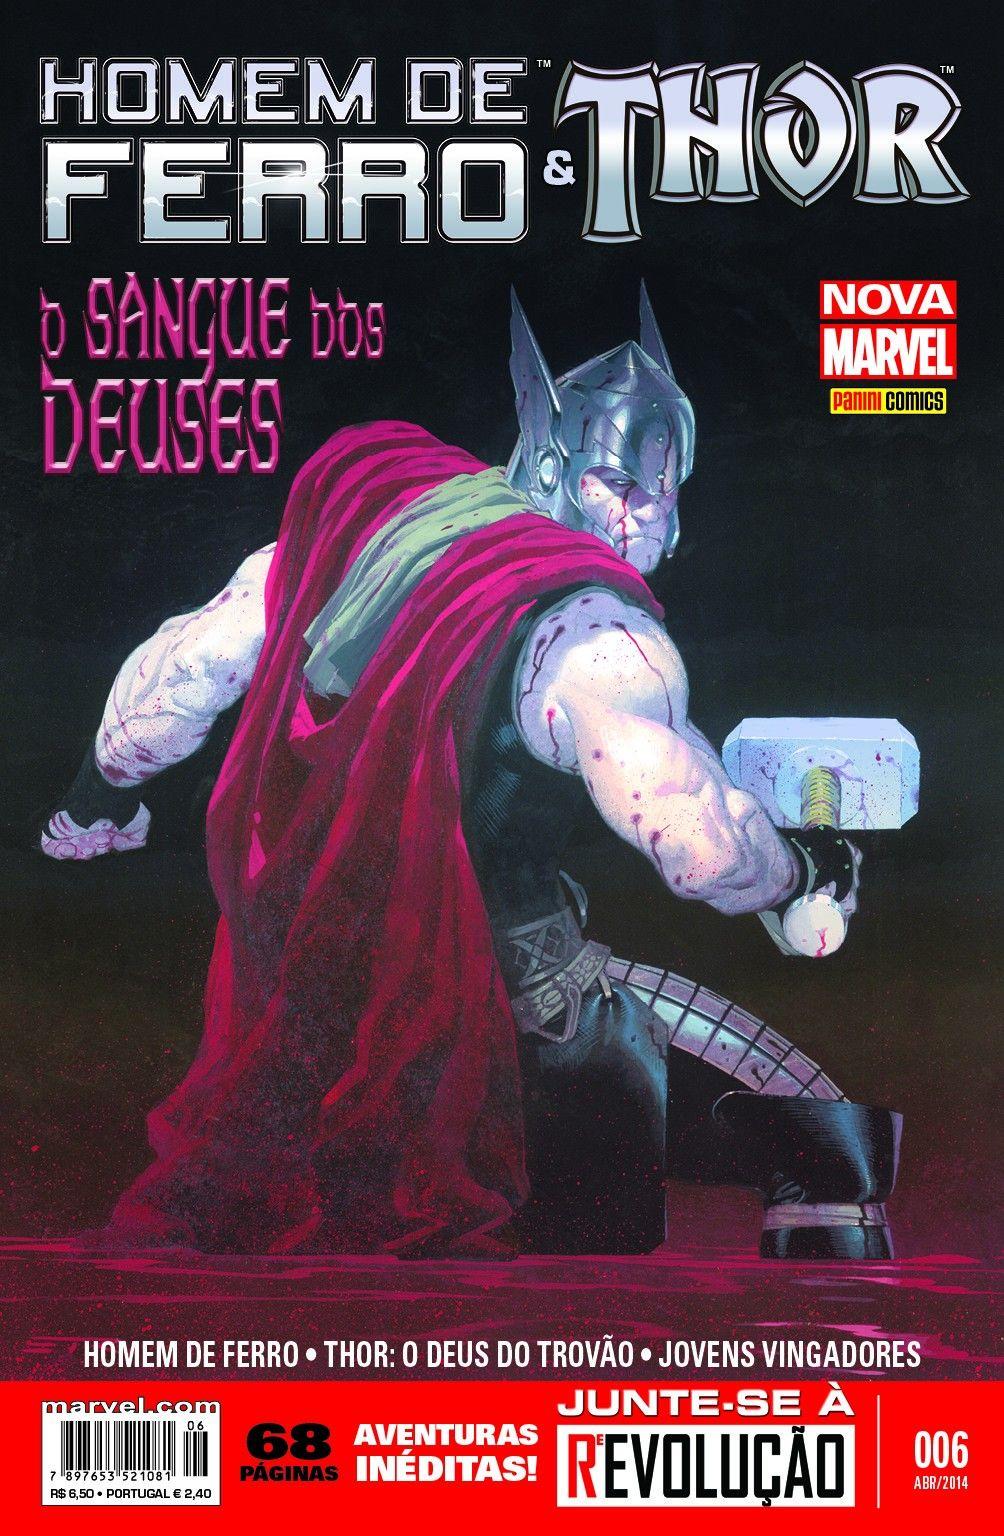 LIGA HQ - COMIC SHOP Homem de Ferro & Thor Marvel Now #6 - Thor - Marvel PARA OS NOSSOS HERÓIS NÃO HÁ DISTÂNCIA!!!